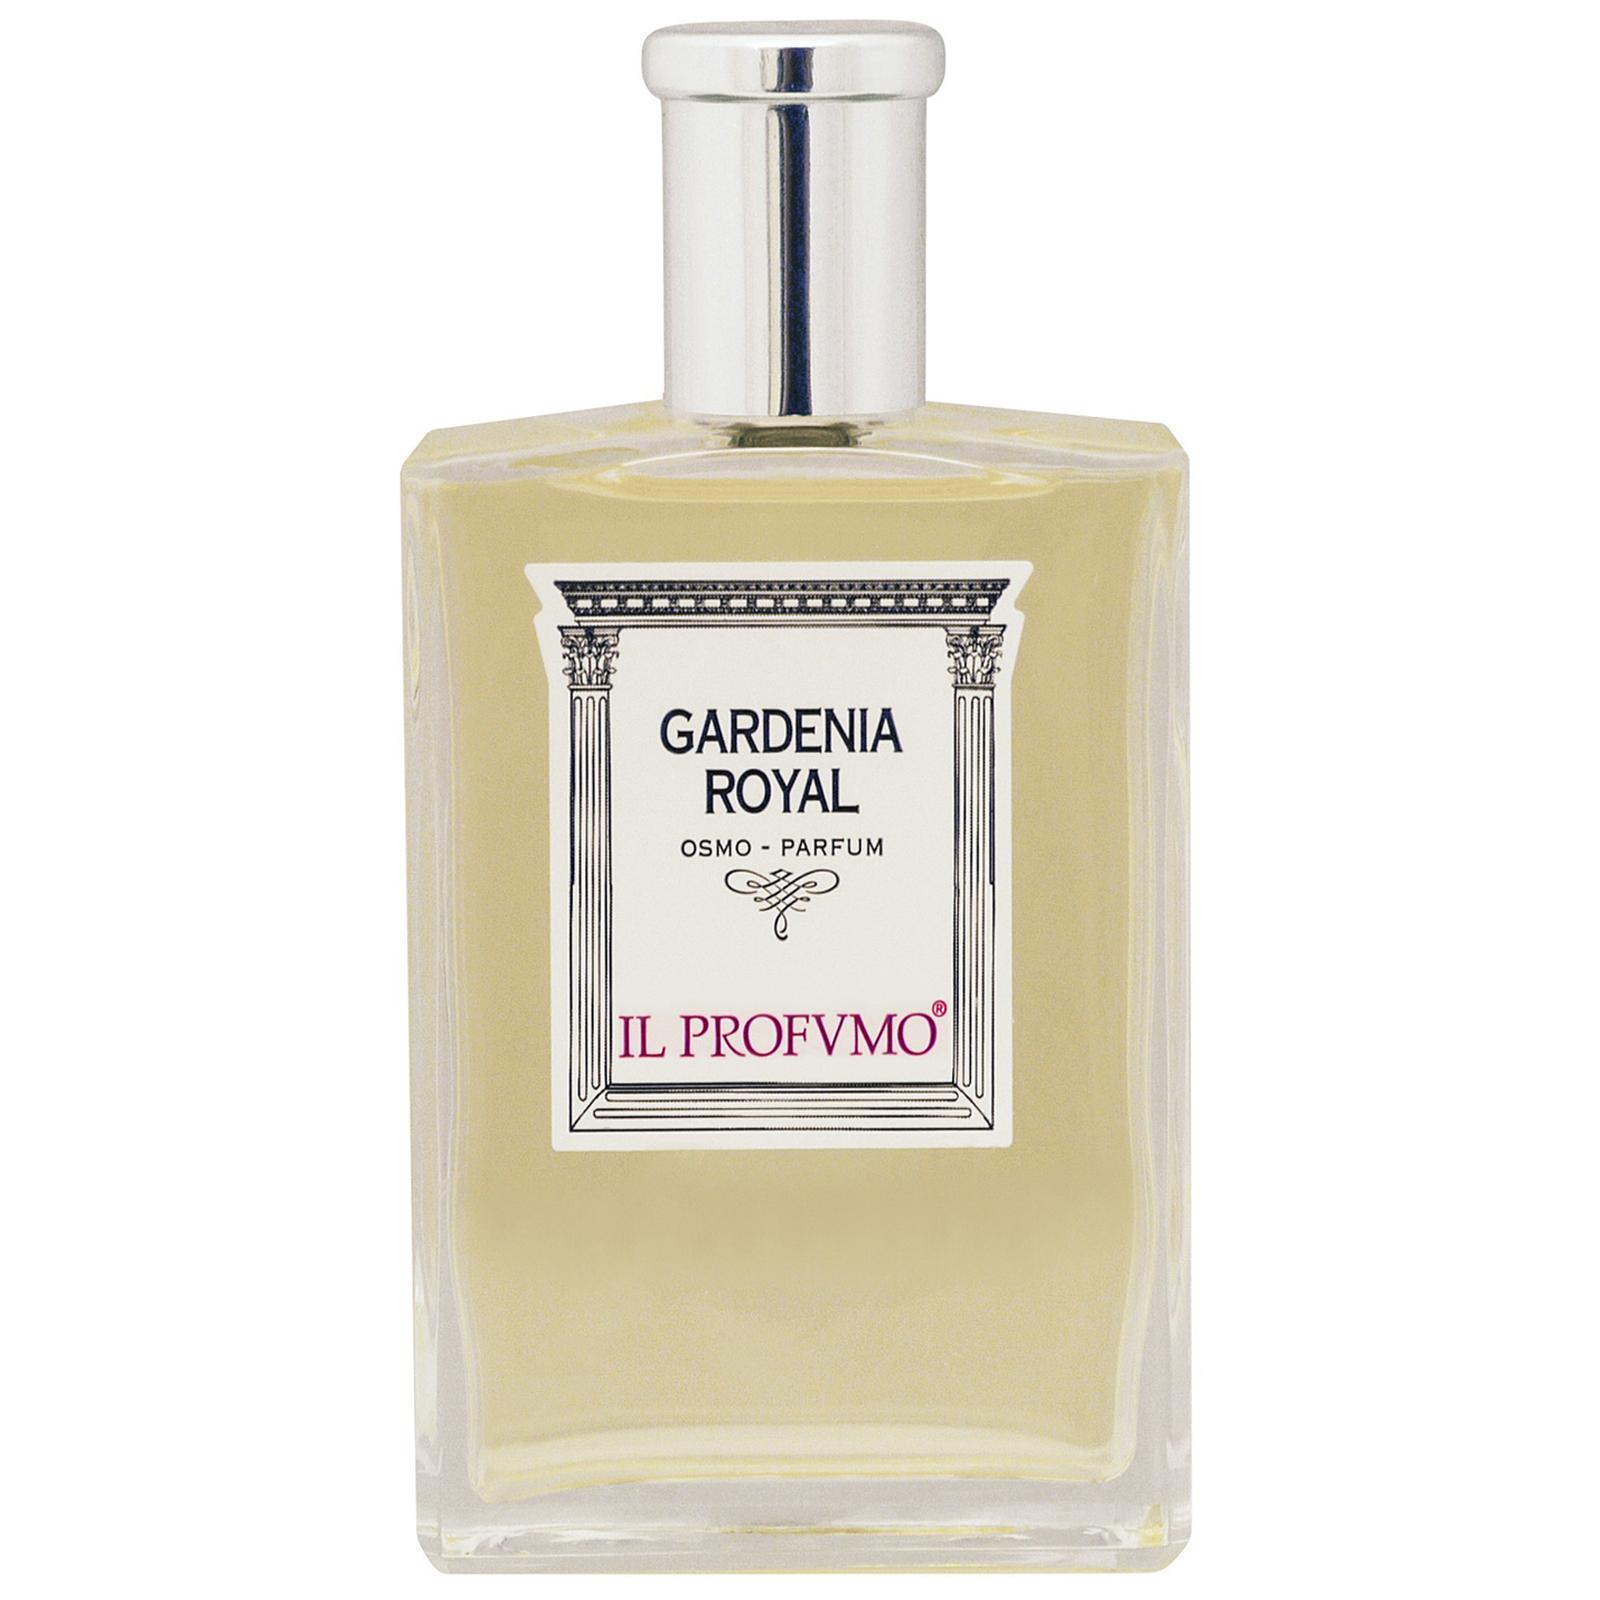 La gardenia royale profumo eau de parfum 100 ml